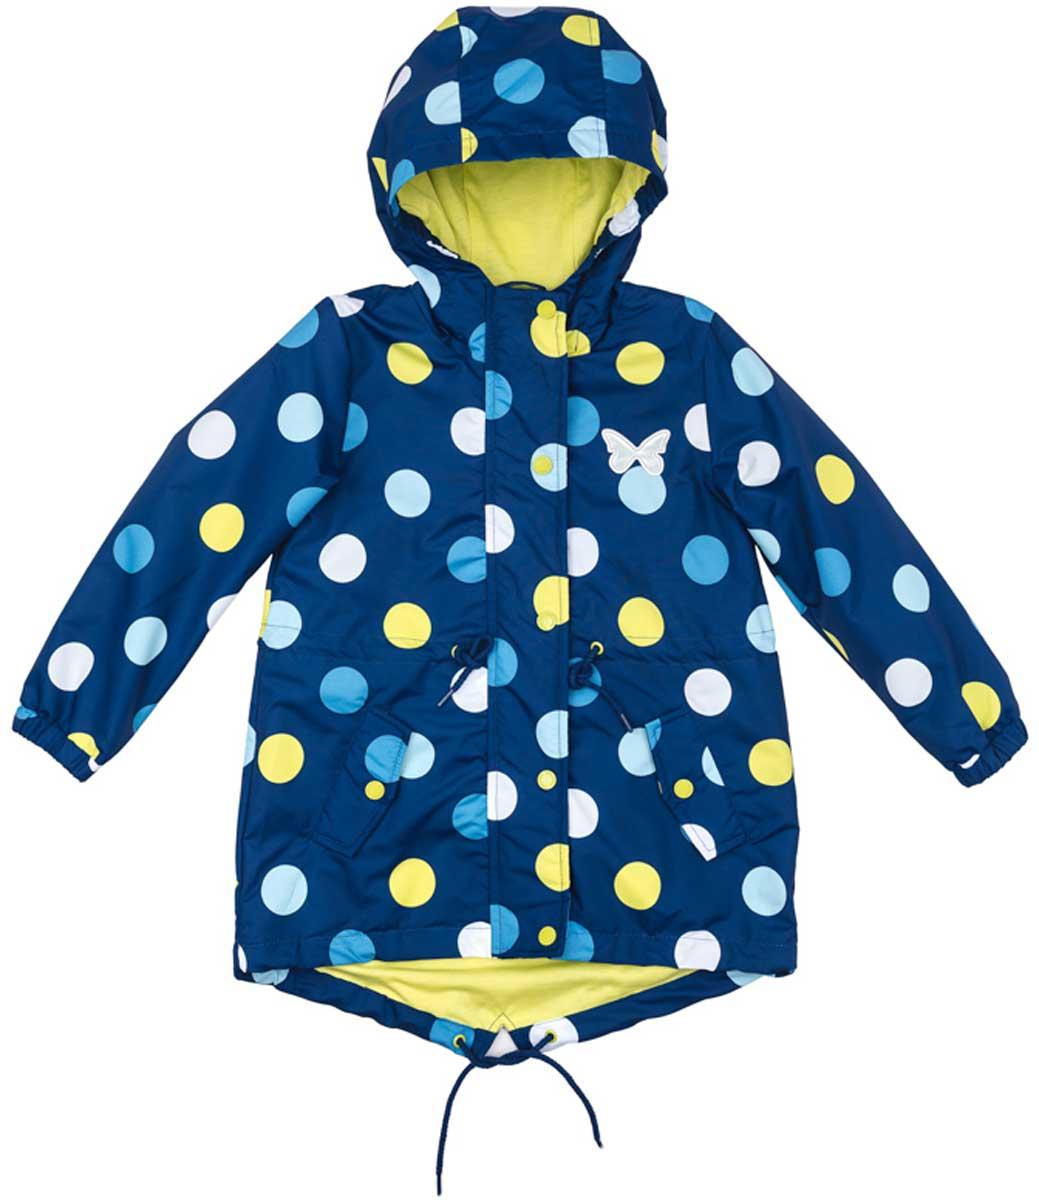 Куртка для девочки PlayToday, цвет: синий, голубой, белый, светло-желтый. 172101. Размер 110172101Практичная яркая куртка со специальной водоотталкивающей пропиткой защитит вашего ребенка в любую погоду! Мягкие резинки на рукавах защитят вашего ребенка - ветер не сможет проникнуть под куртку. Специальный карман для фиксации застежки-молнии не позволит застежке травмировать нежную кожу ребенка. Модель снабжена удобными регулируемым шнурами - кулисками на капюшоне, талии и по низу изделия. Светоотражатели позволят видеть вашего ребенка в темное время суток.